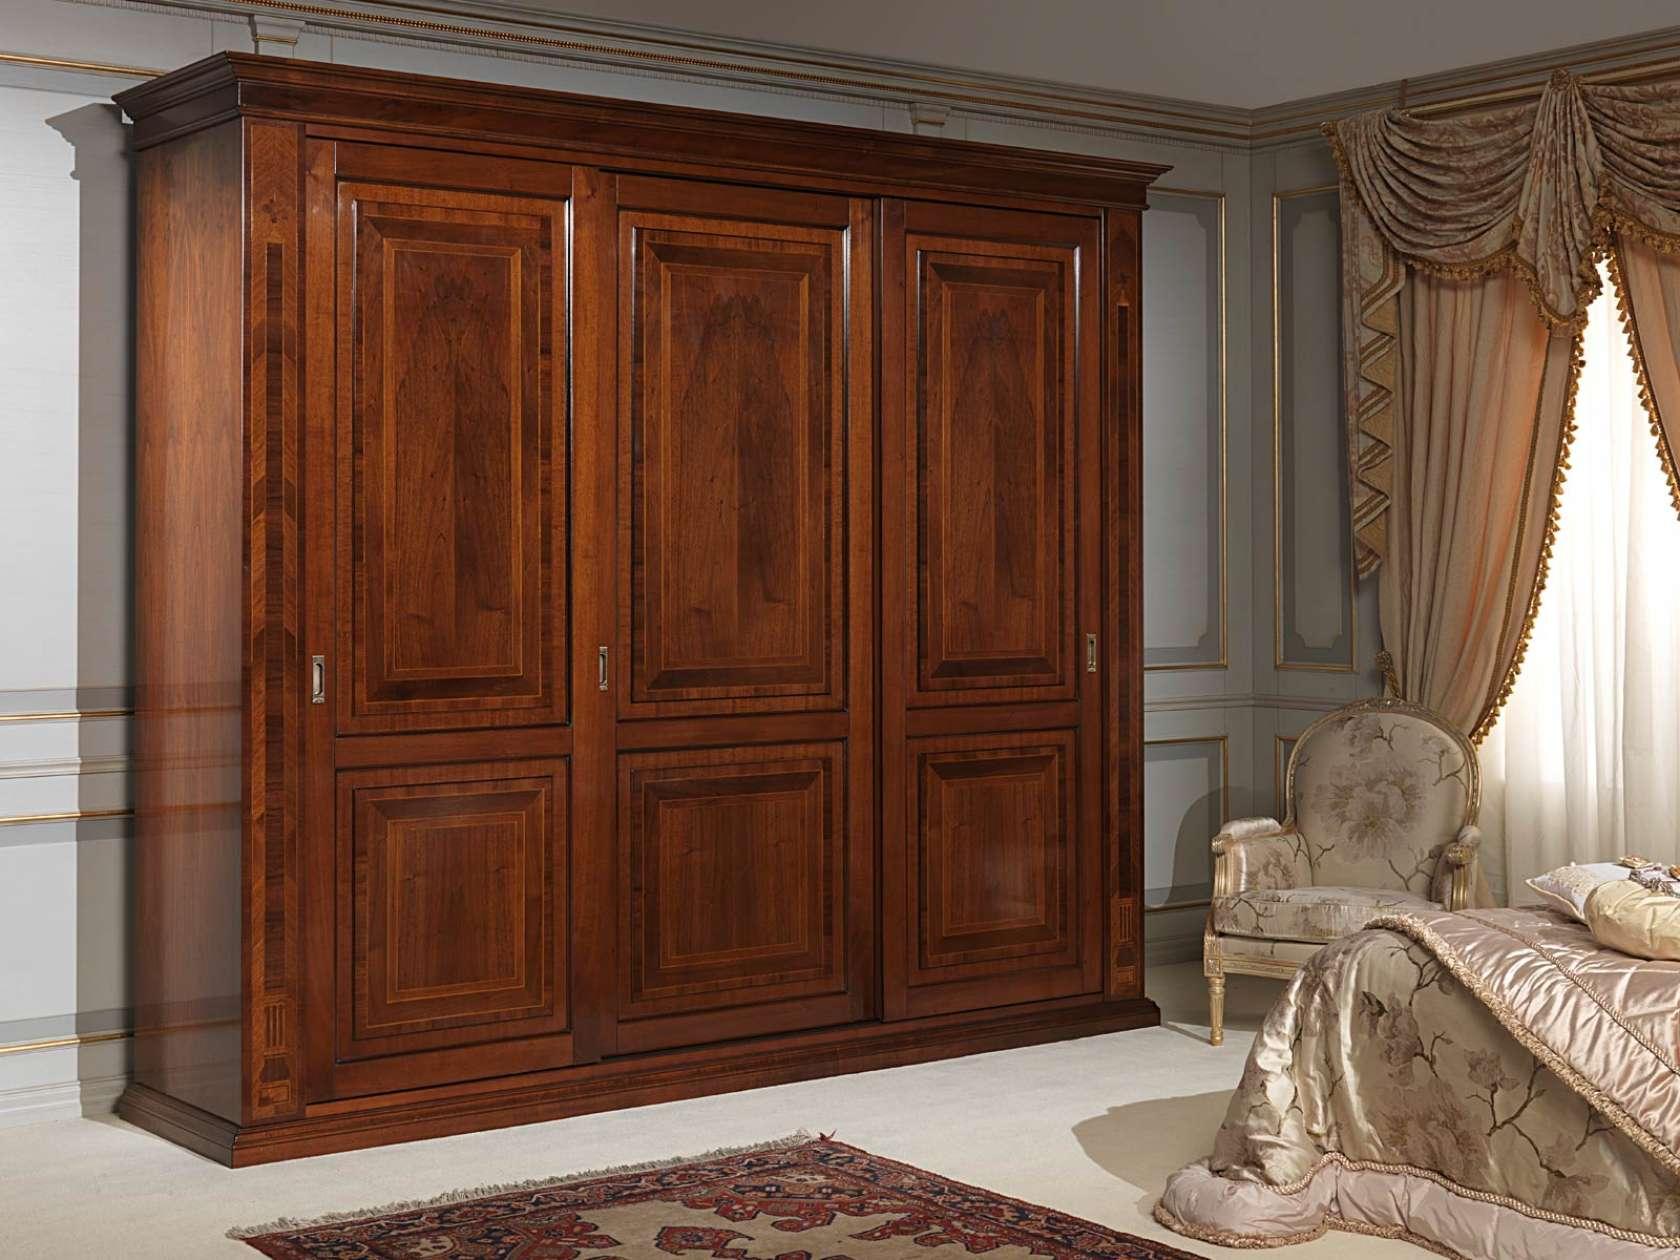 Camera da letto 800 francese armadio tre ante con intarsi vimercati meda - Armadio tre ante ikea ...